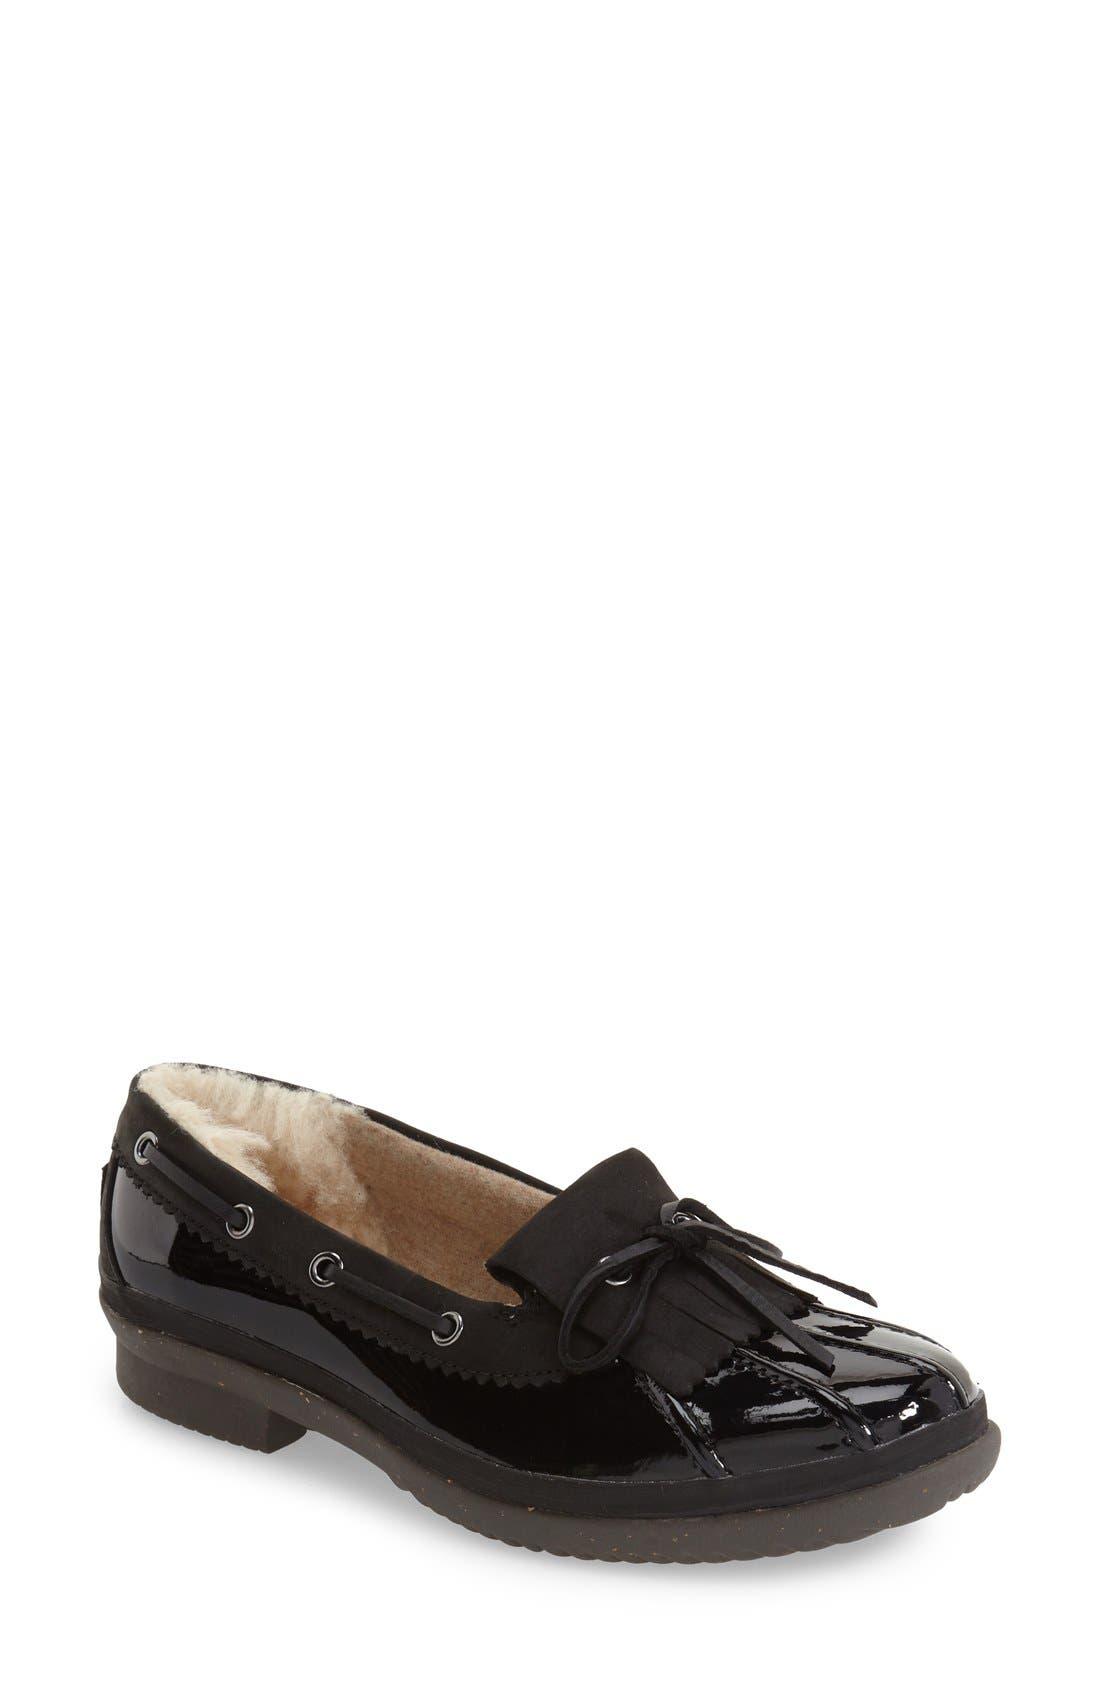 Alternate Image 1 Selected - UGG® Haylie Waterproof Loafer (Women)